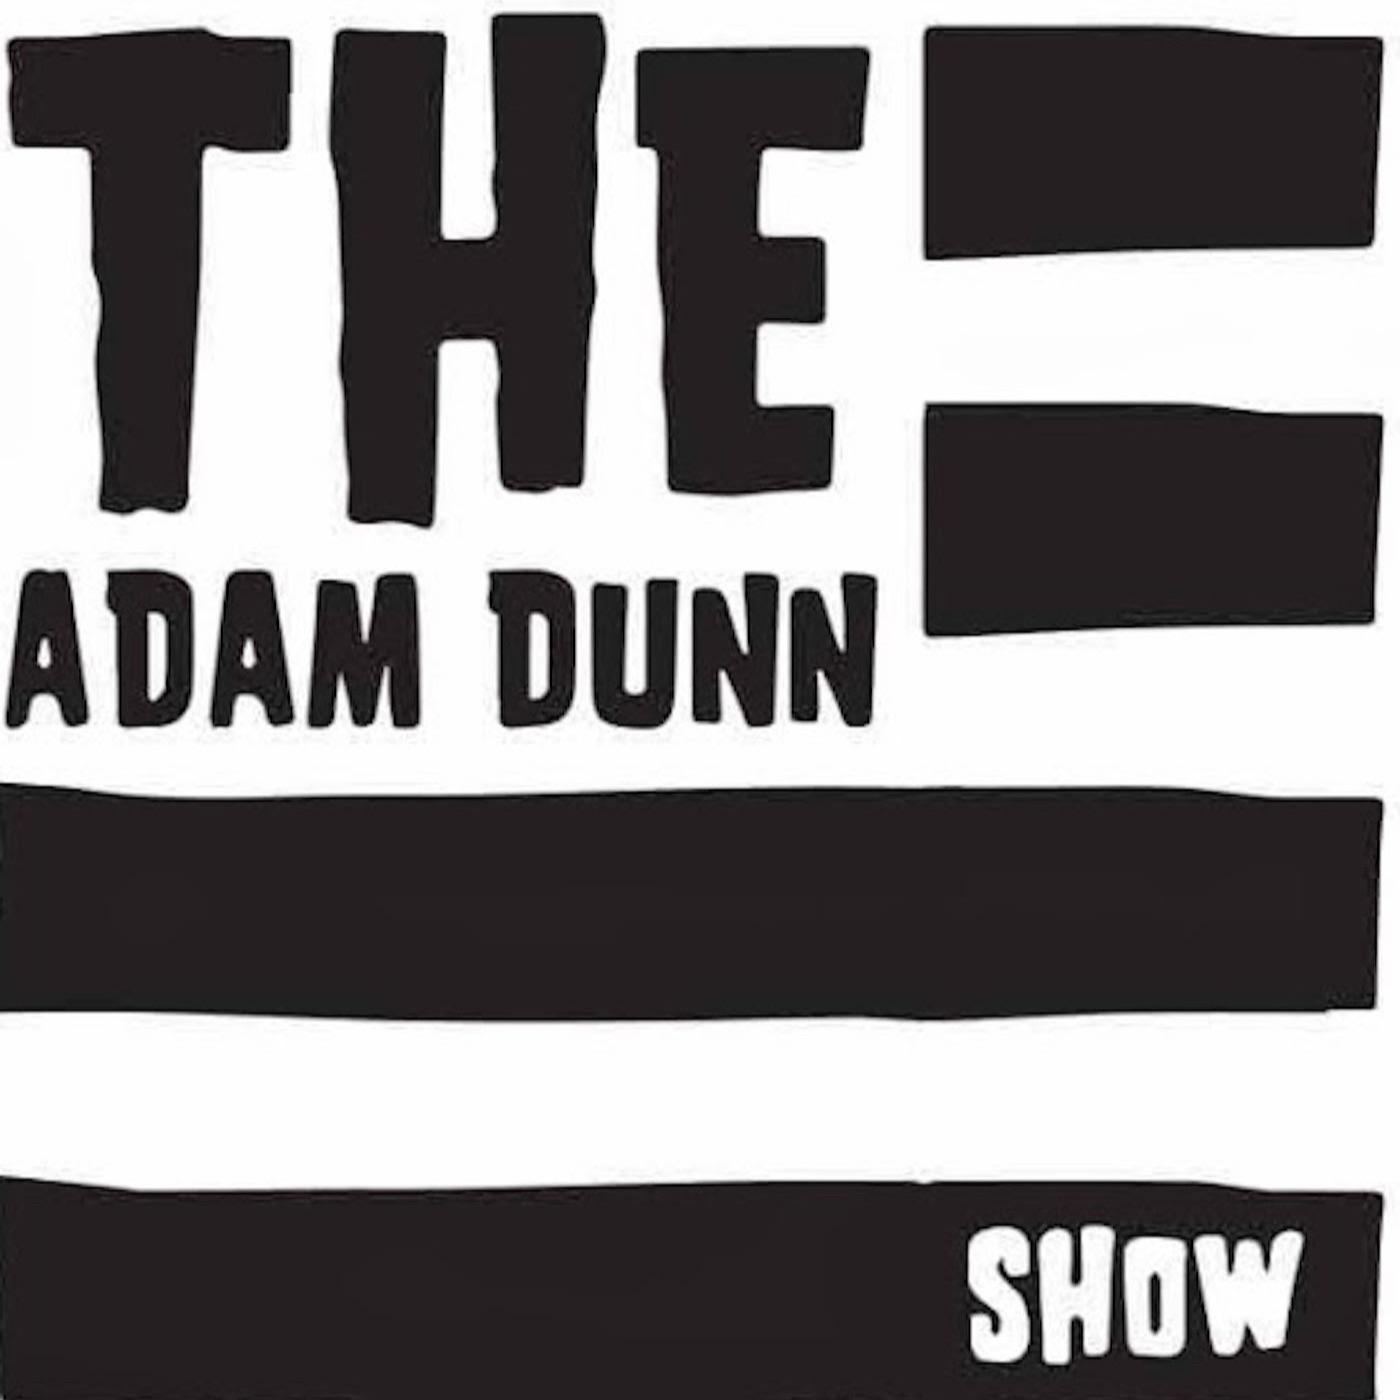 Best Episodes of The Adam Dunn Show